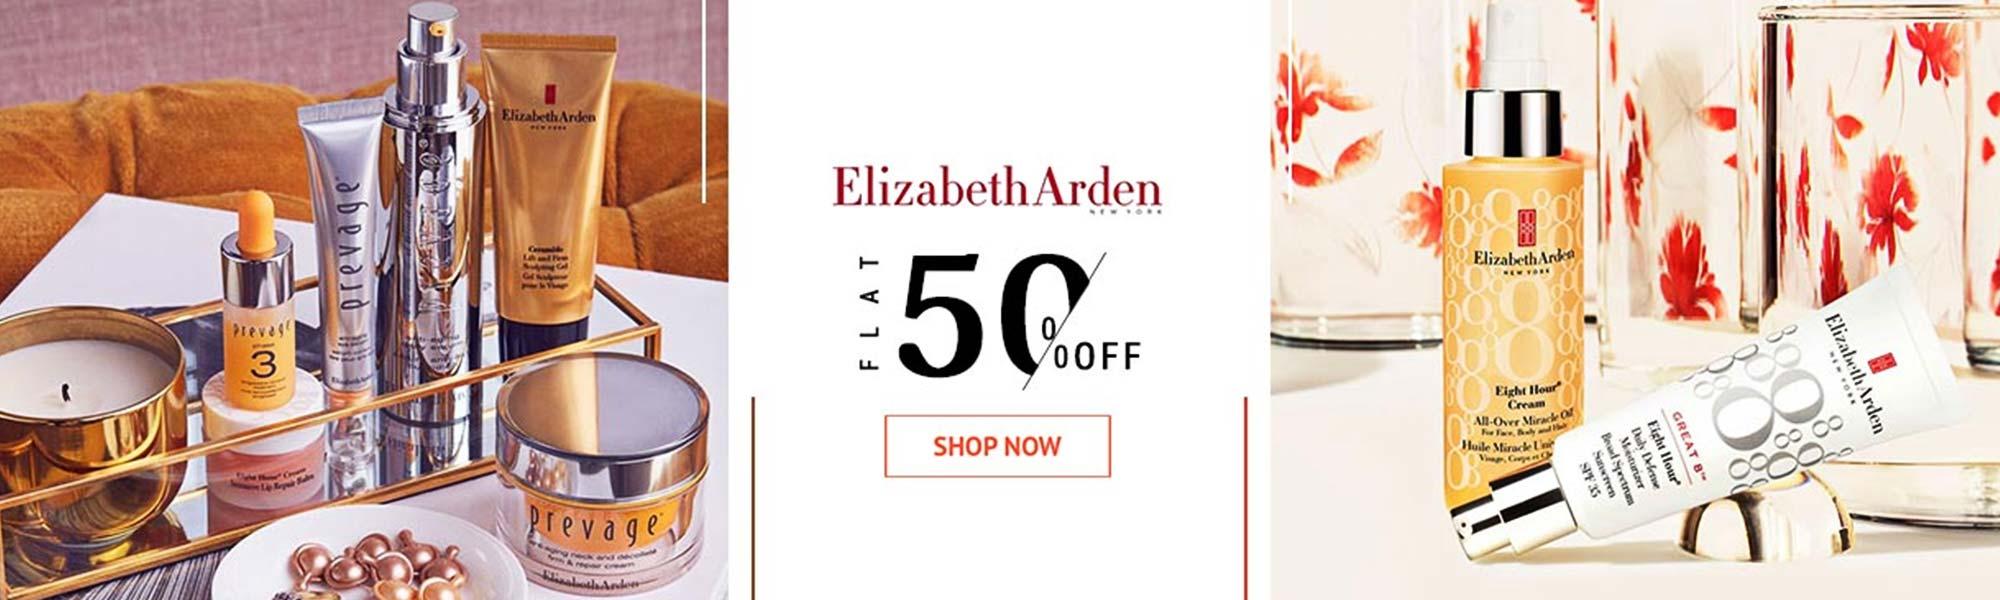 Elizabeth Offer